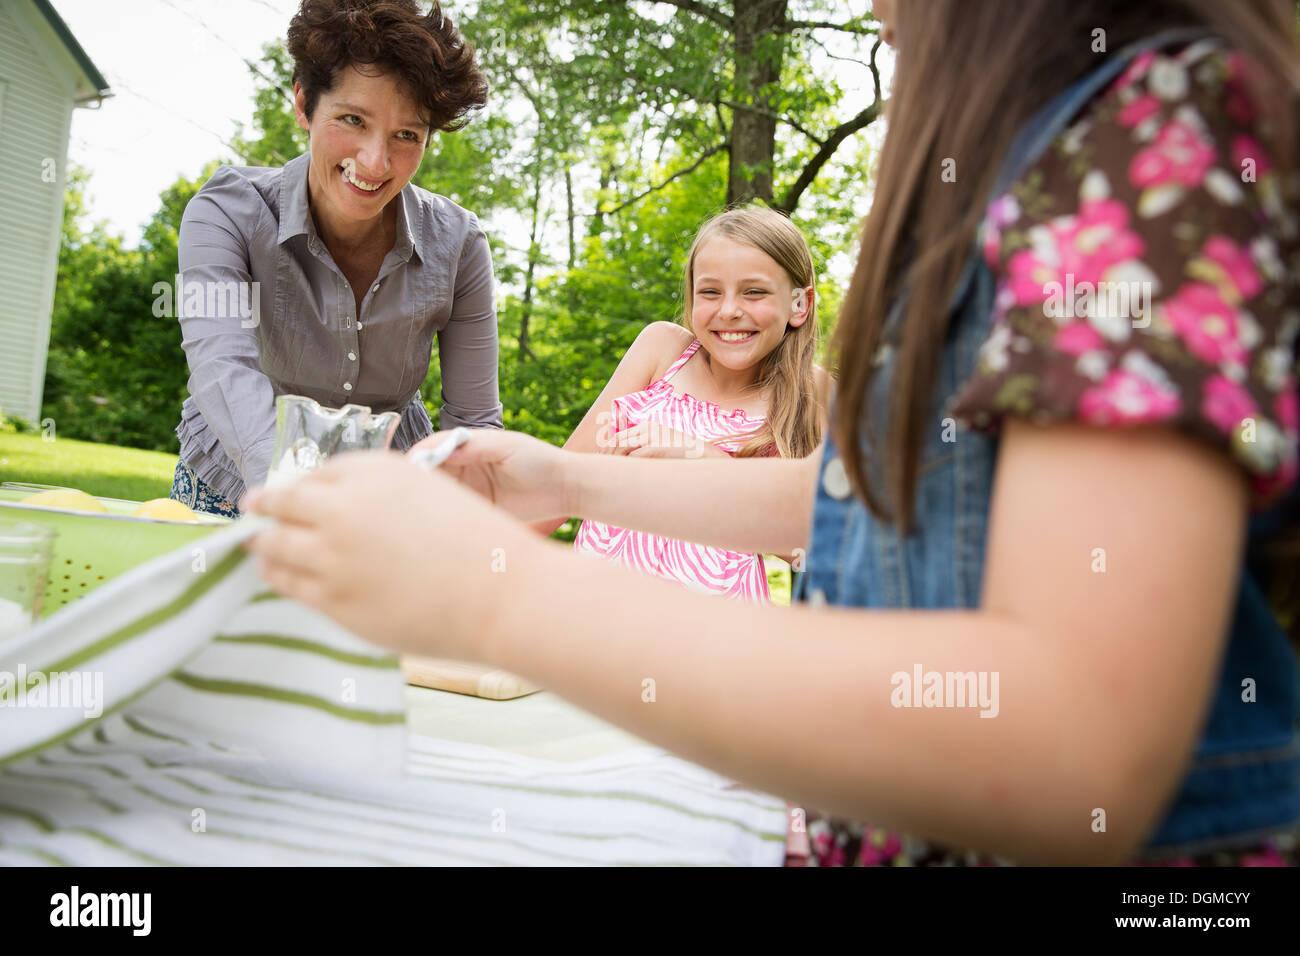 Un estate incontro di famiglia in una fattoria. Una donna e due bambini in piedi fuori da una tabella, che stabilisce la tabella. Immagini Stock